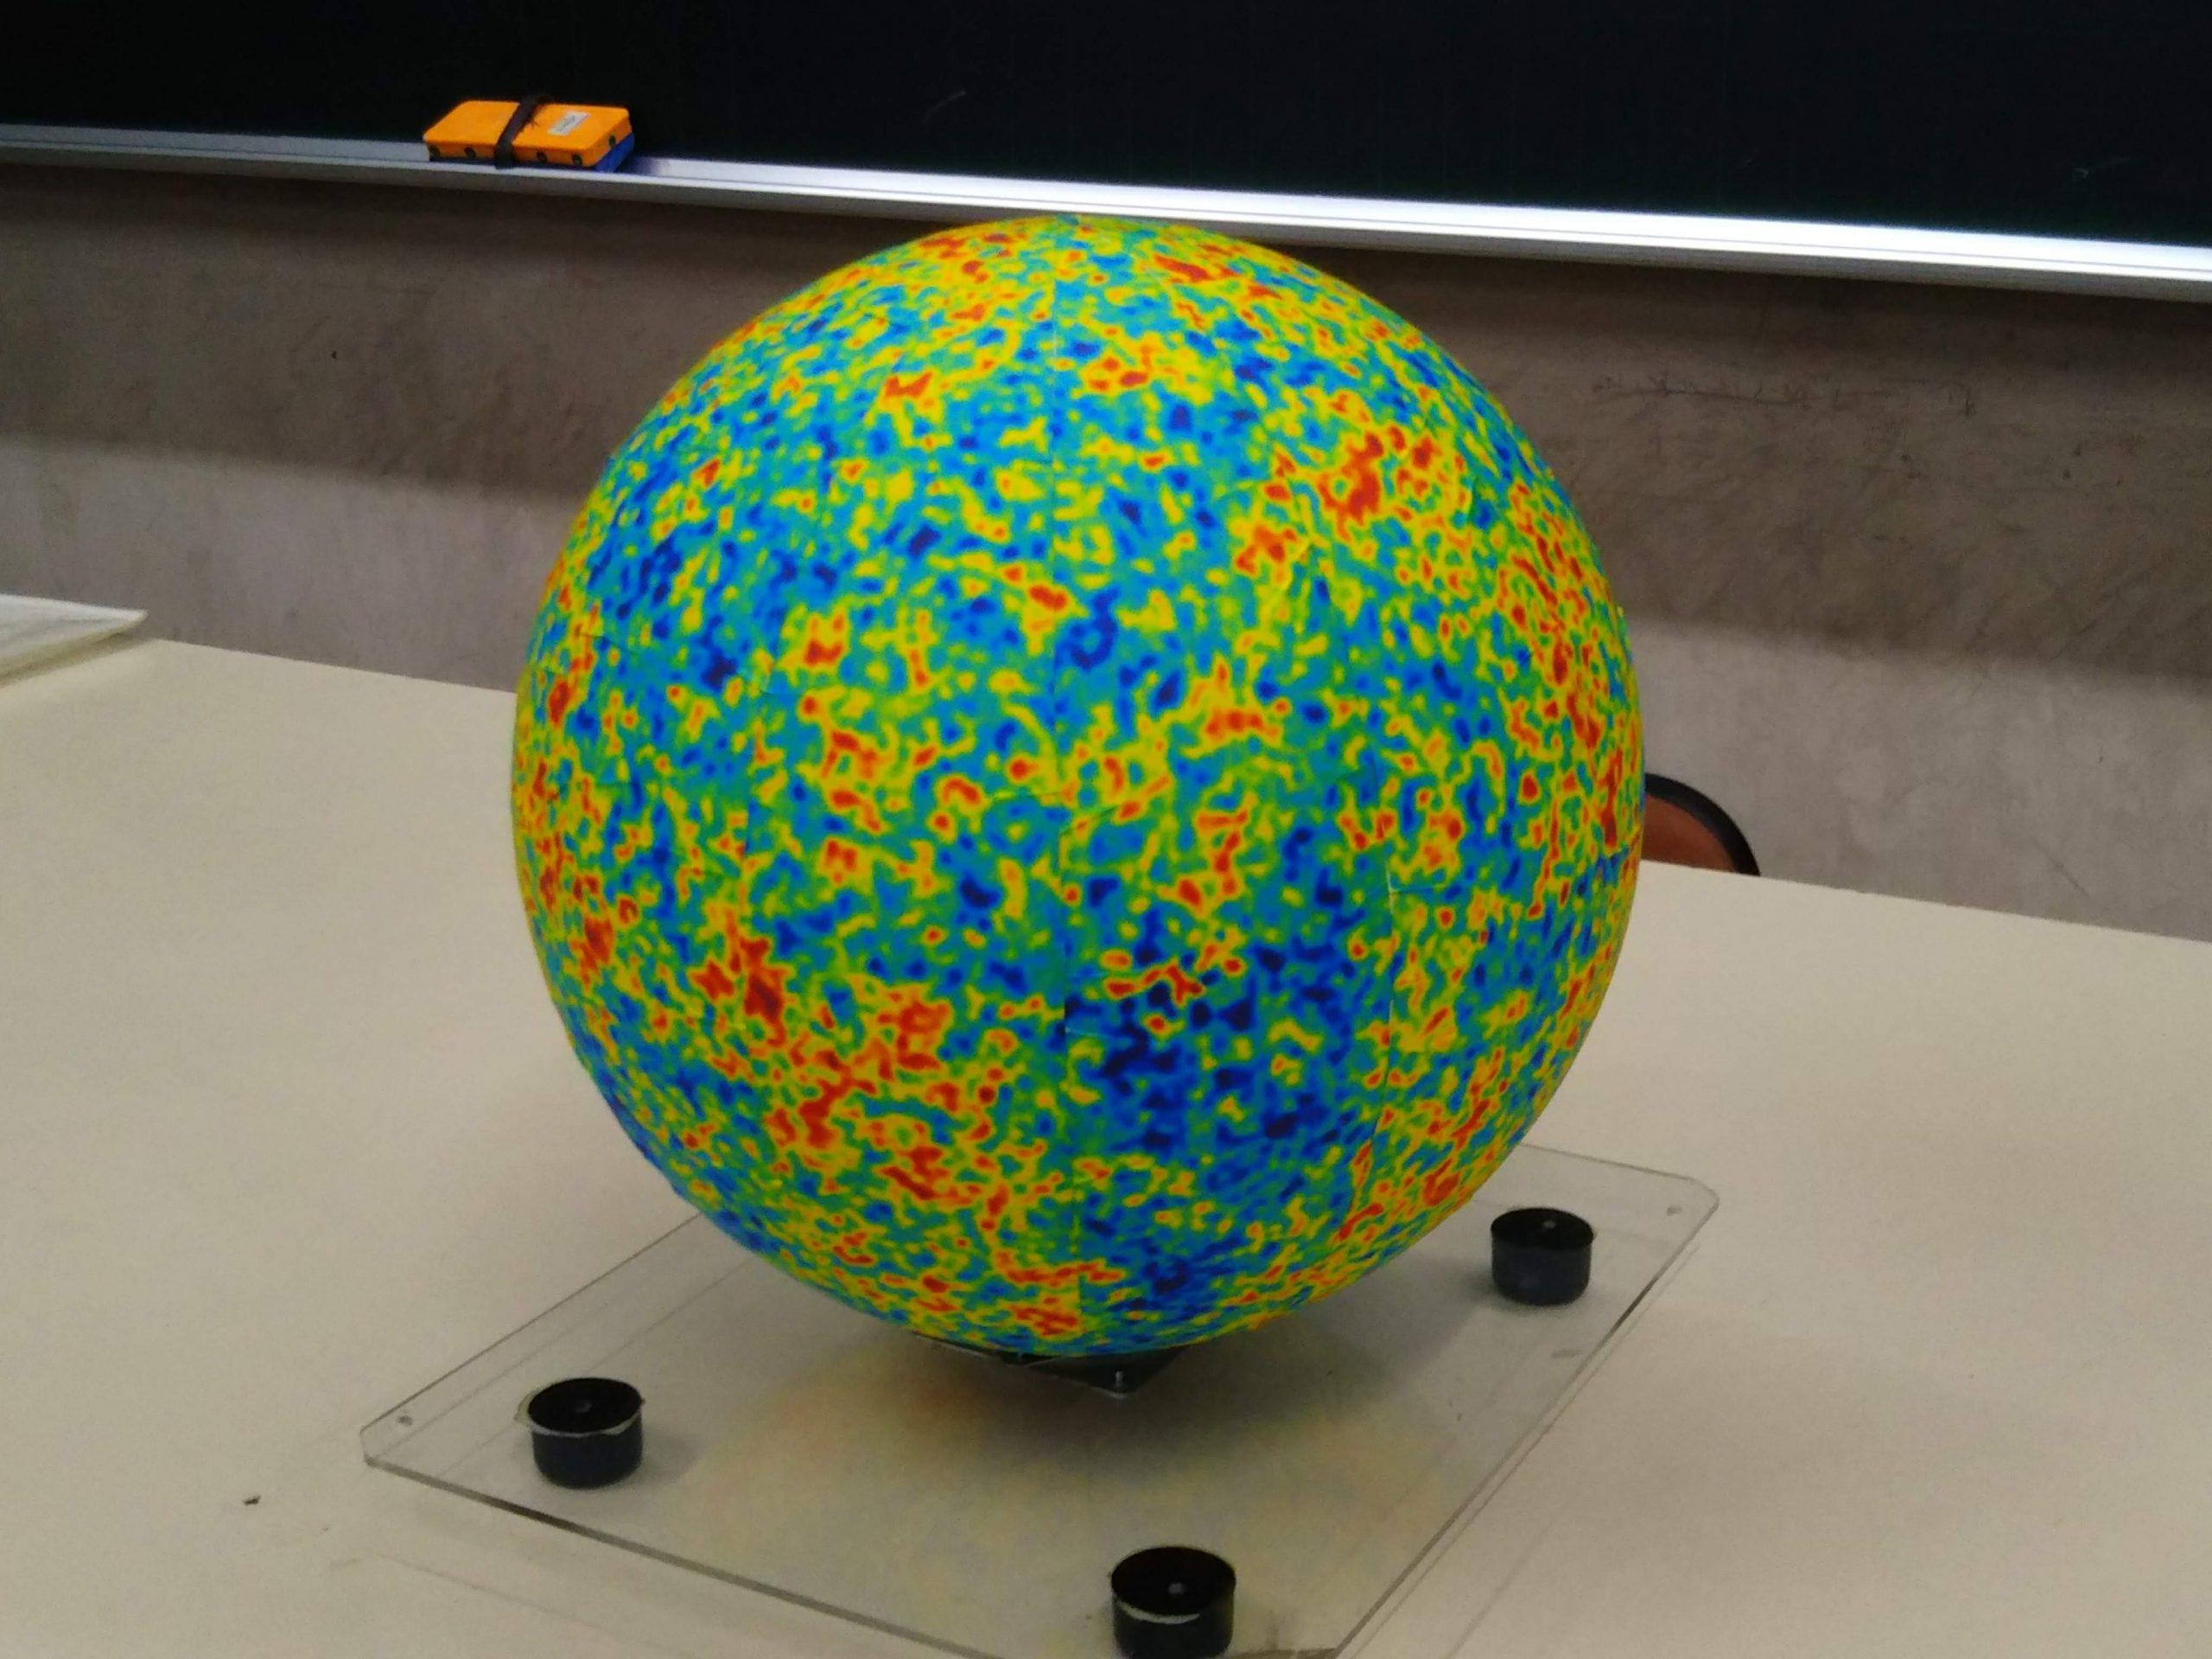 宇宙背景放射の温度ゆらぎの図(WMAP)を球体にしてみました。最近の投稿カテゴリーアーカイブ化プロフィール高津科学